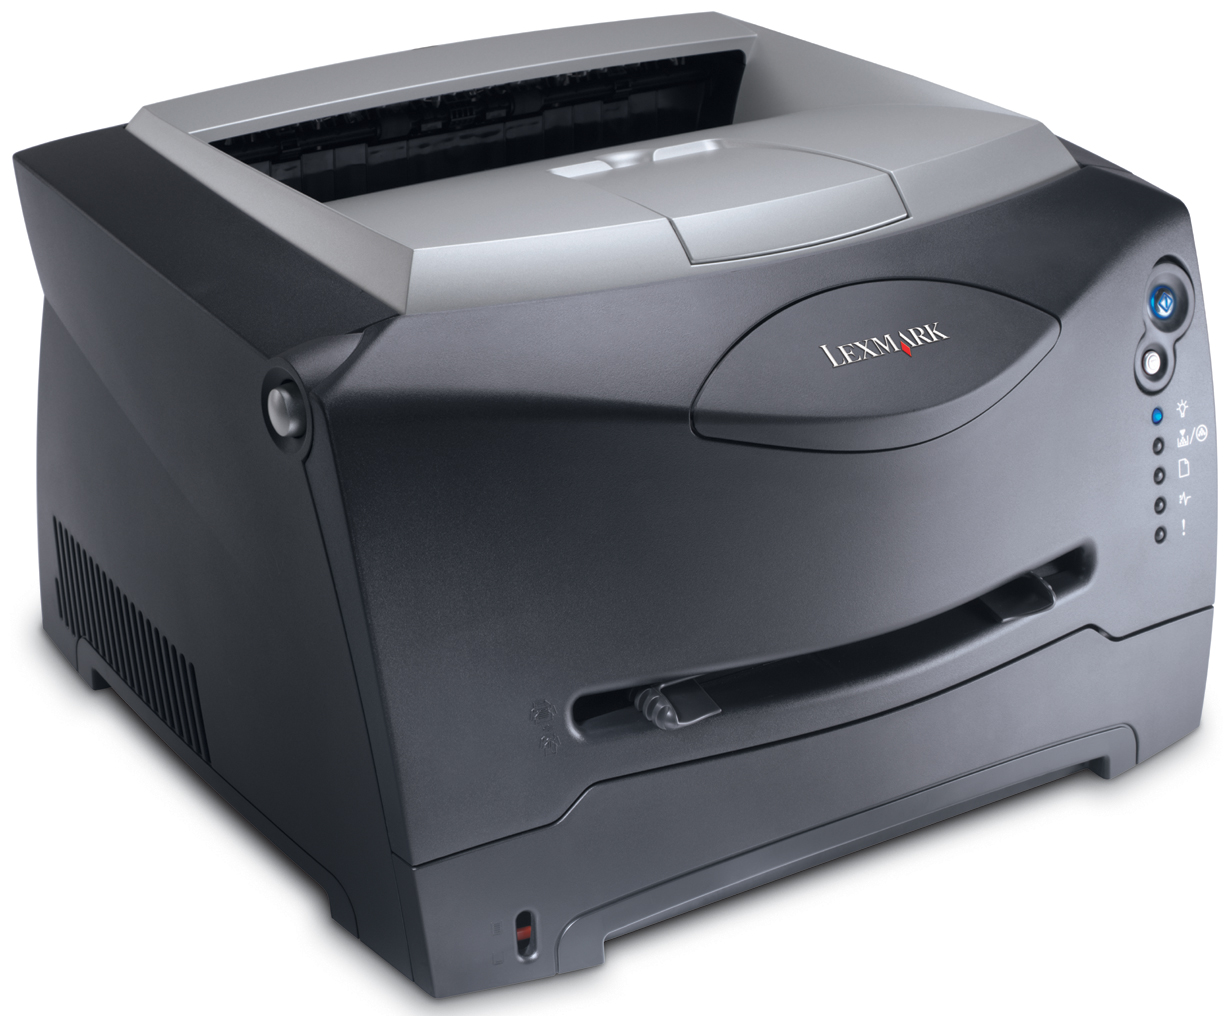 E332N